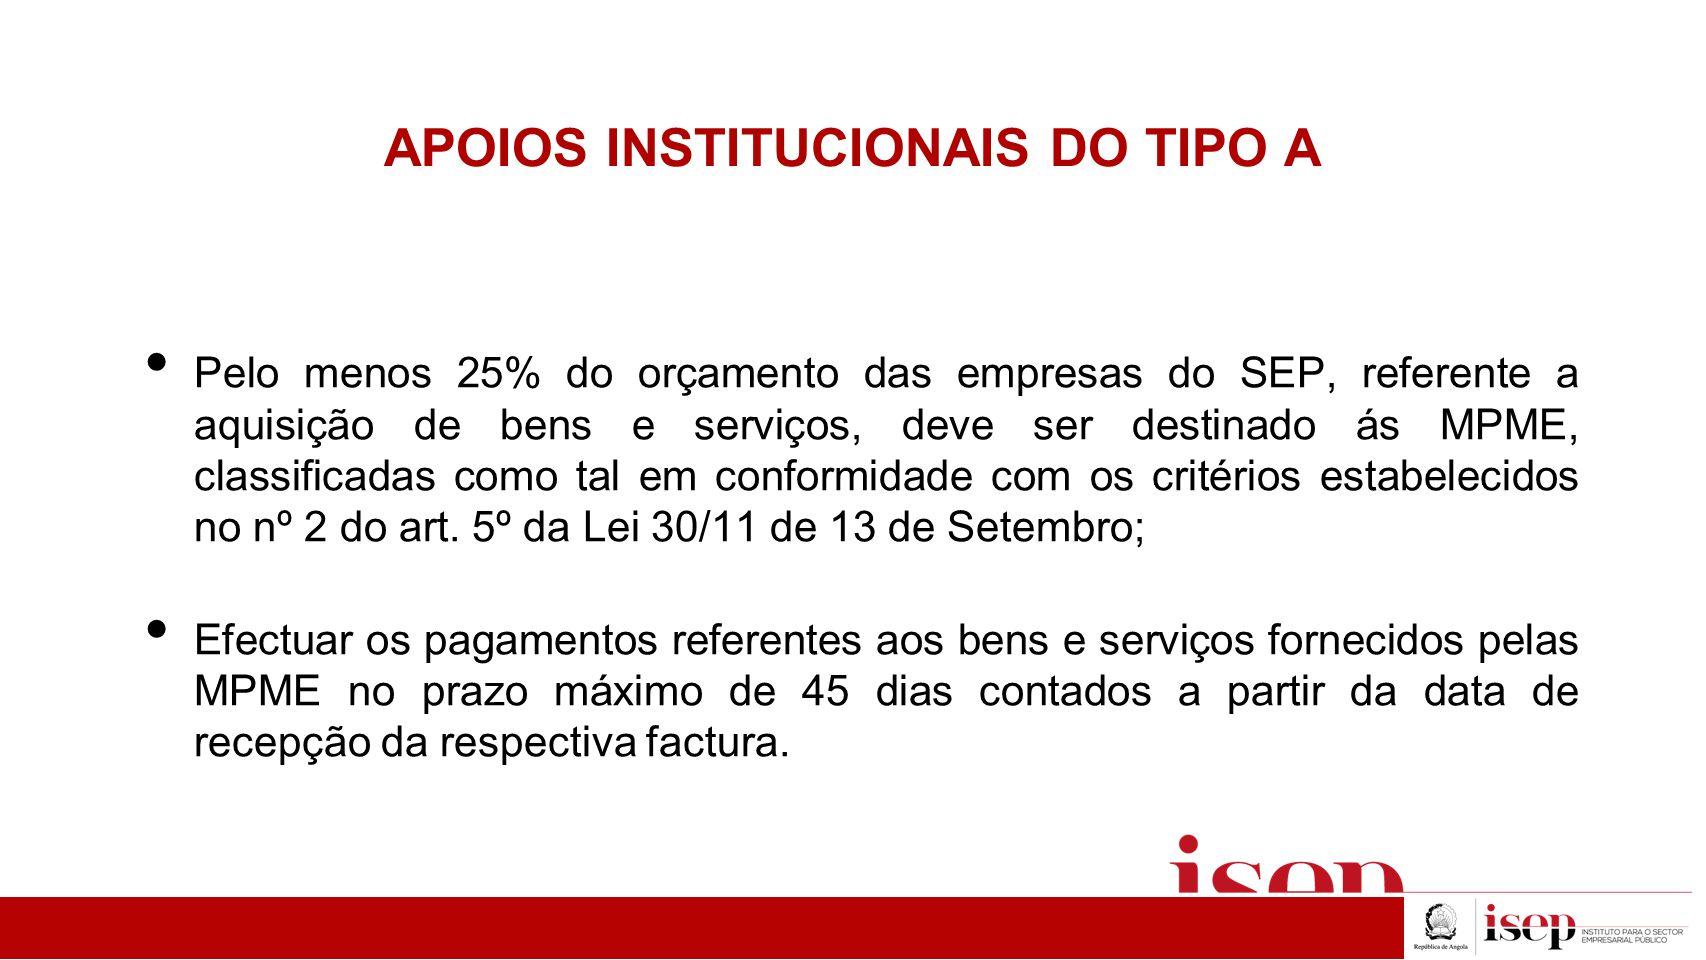 APOIOS INSTITUCIONAIS DO TIPO A Pelo menos 25% do orçamento das empresas do SEP, referente a aquisição de bens e serviços, deve ser destinado ás MPME,